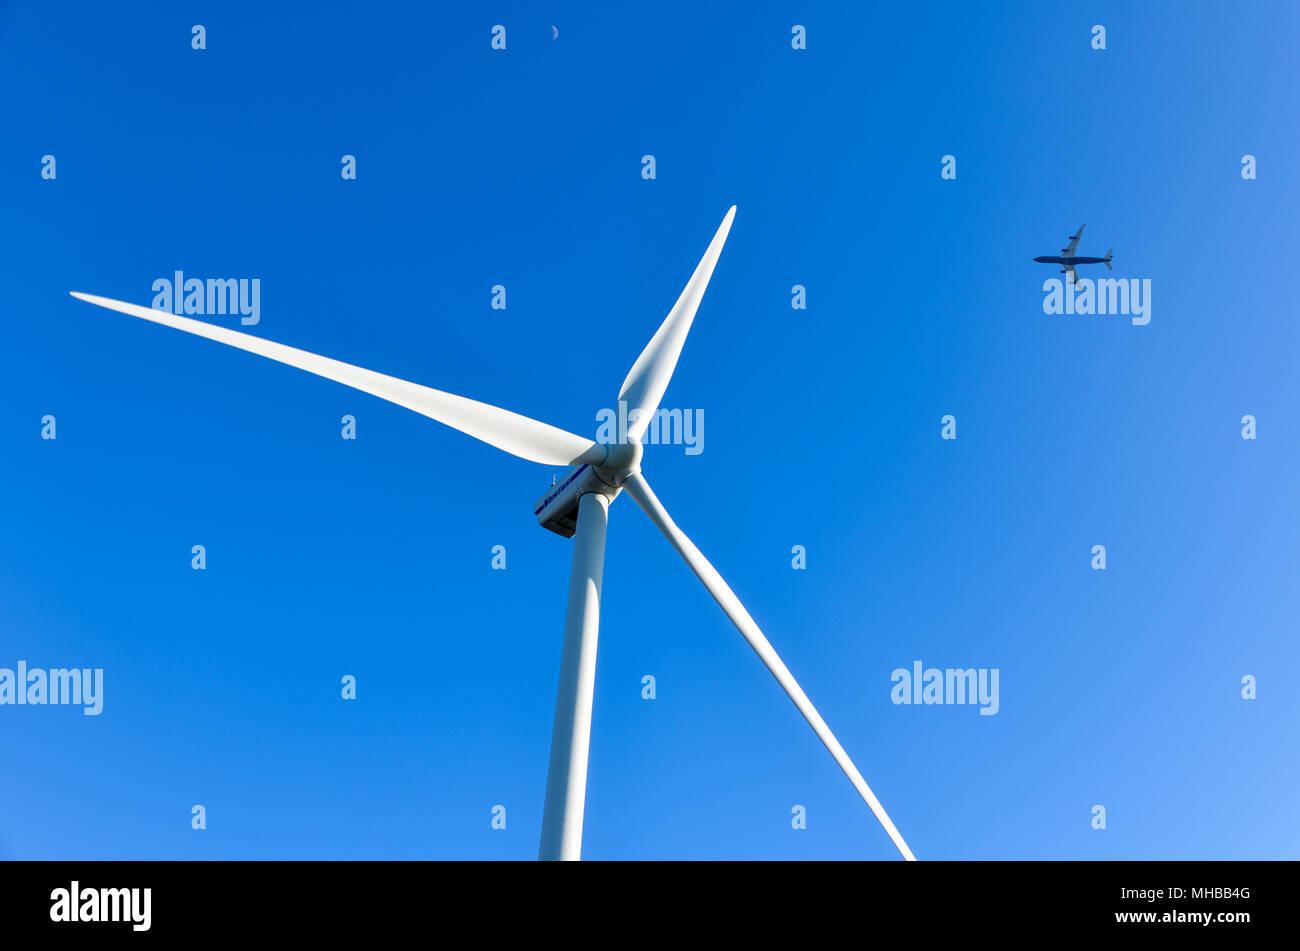 Ebene hinter einer Windenergieanlage auf einem blauen Himmel Hintergrund fliegen Stockbild